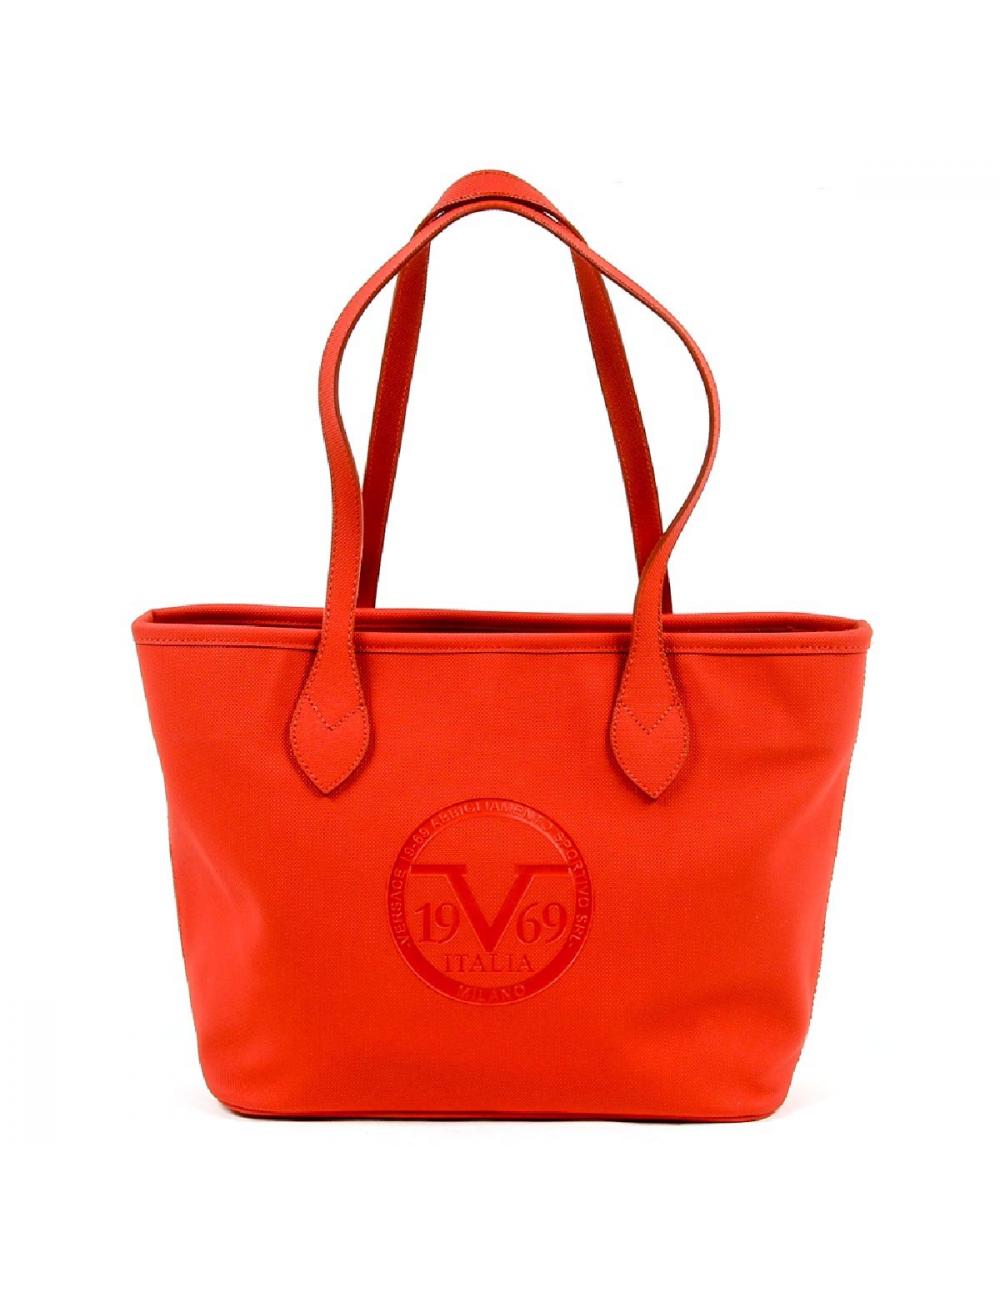 769f3bf8ec6a V 1969 Italia Womens Handbag V1969001 RED